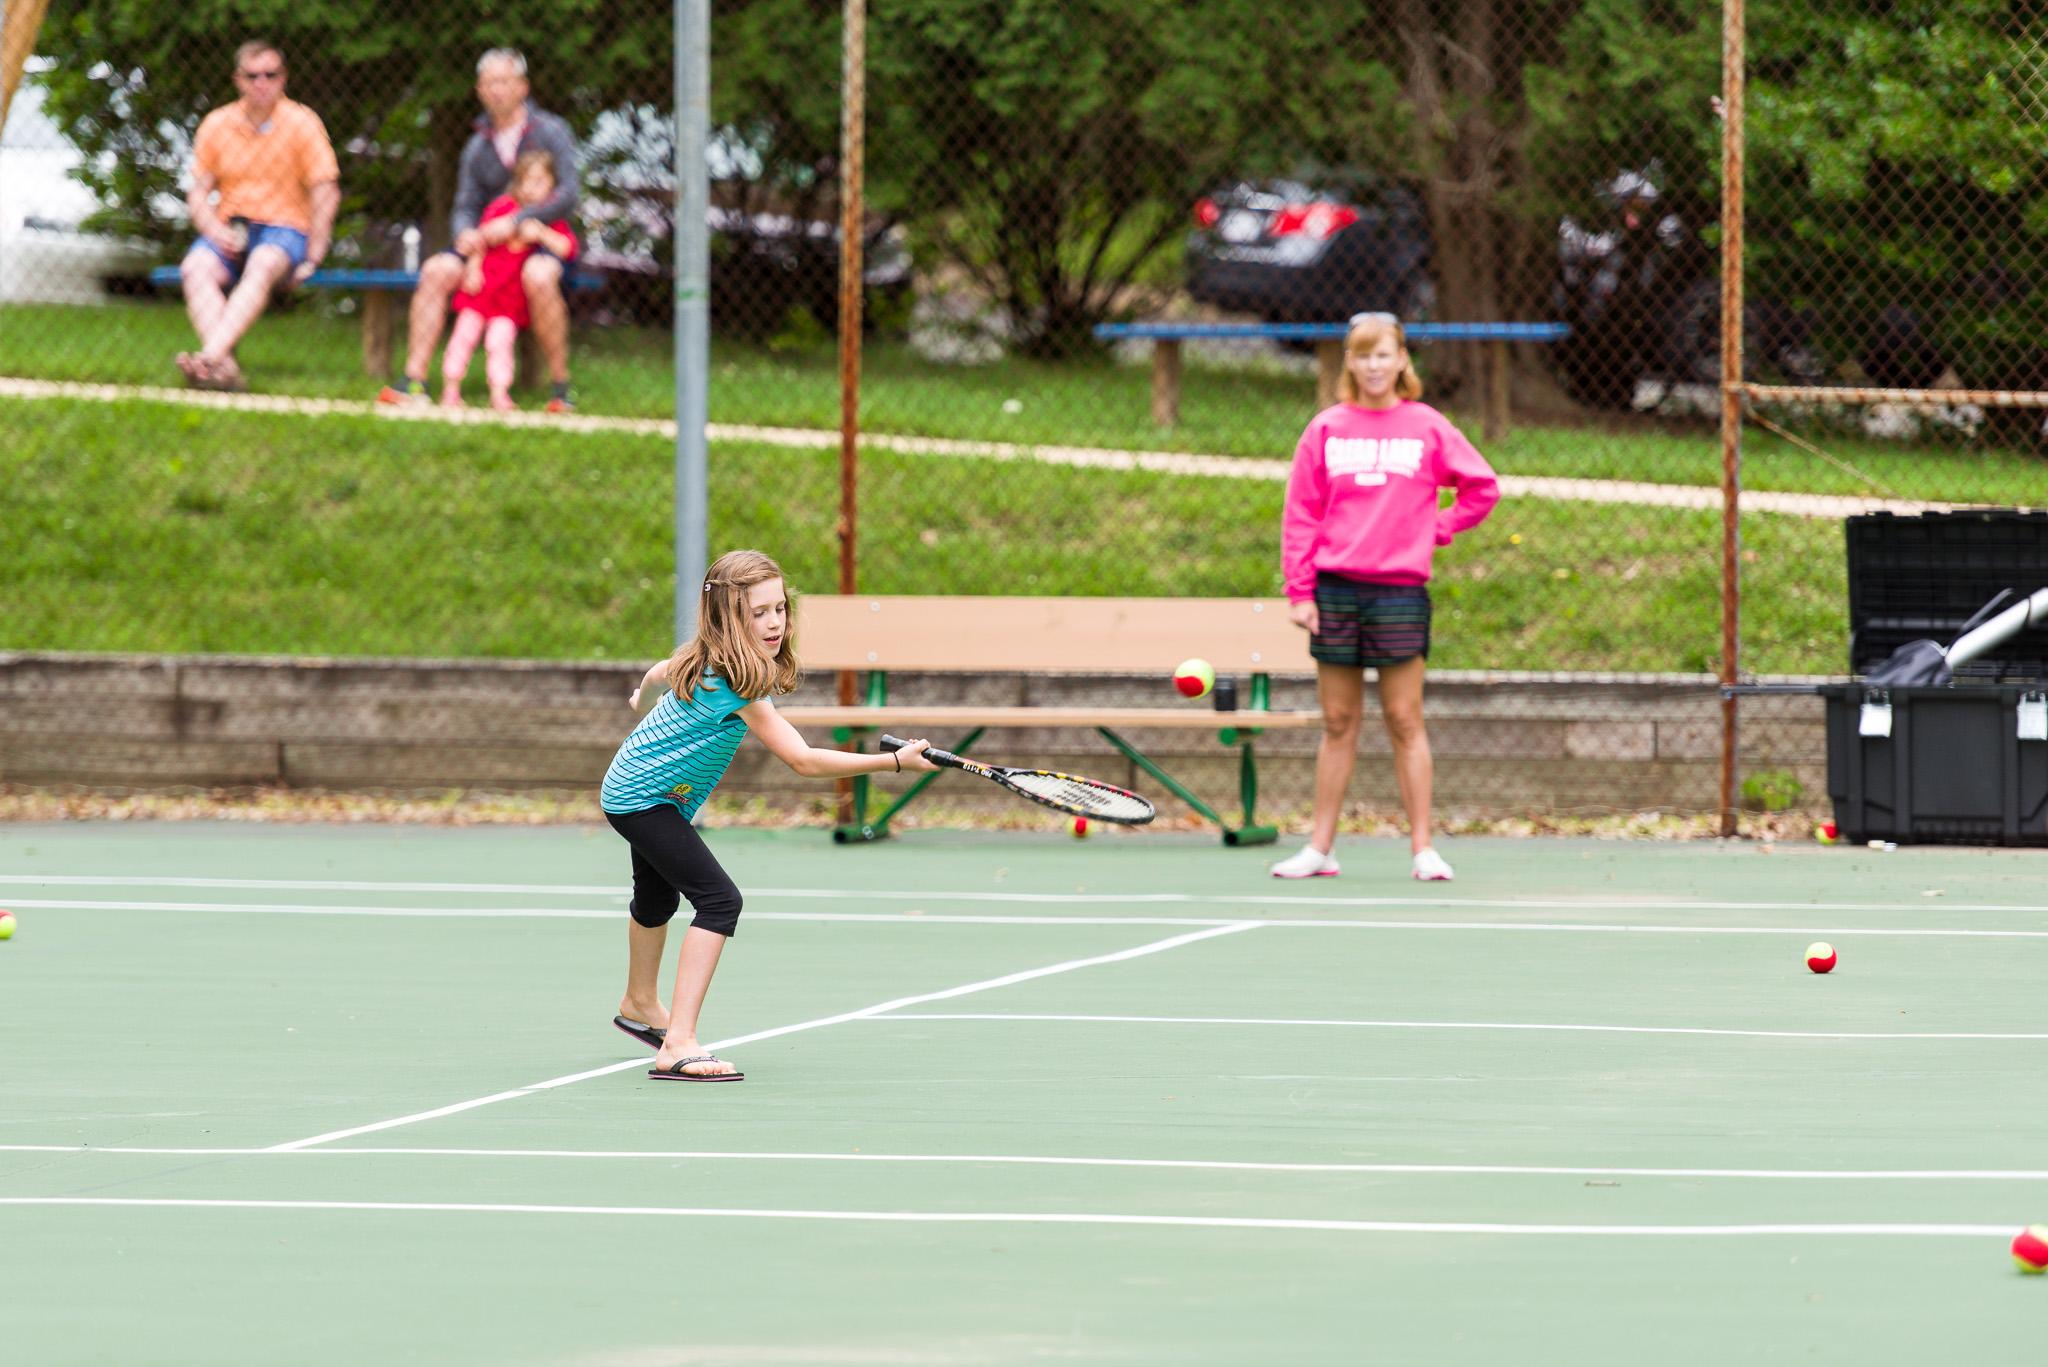 FoxHunt_Open-House-Tennis_20170521_145221.jpg